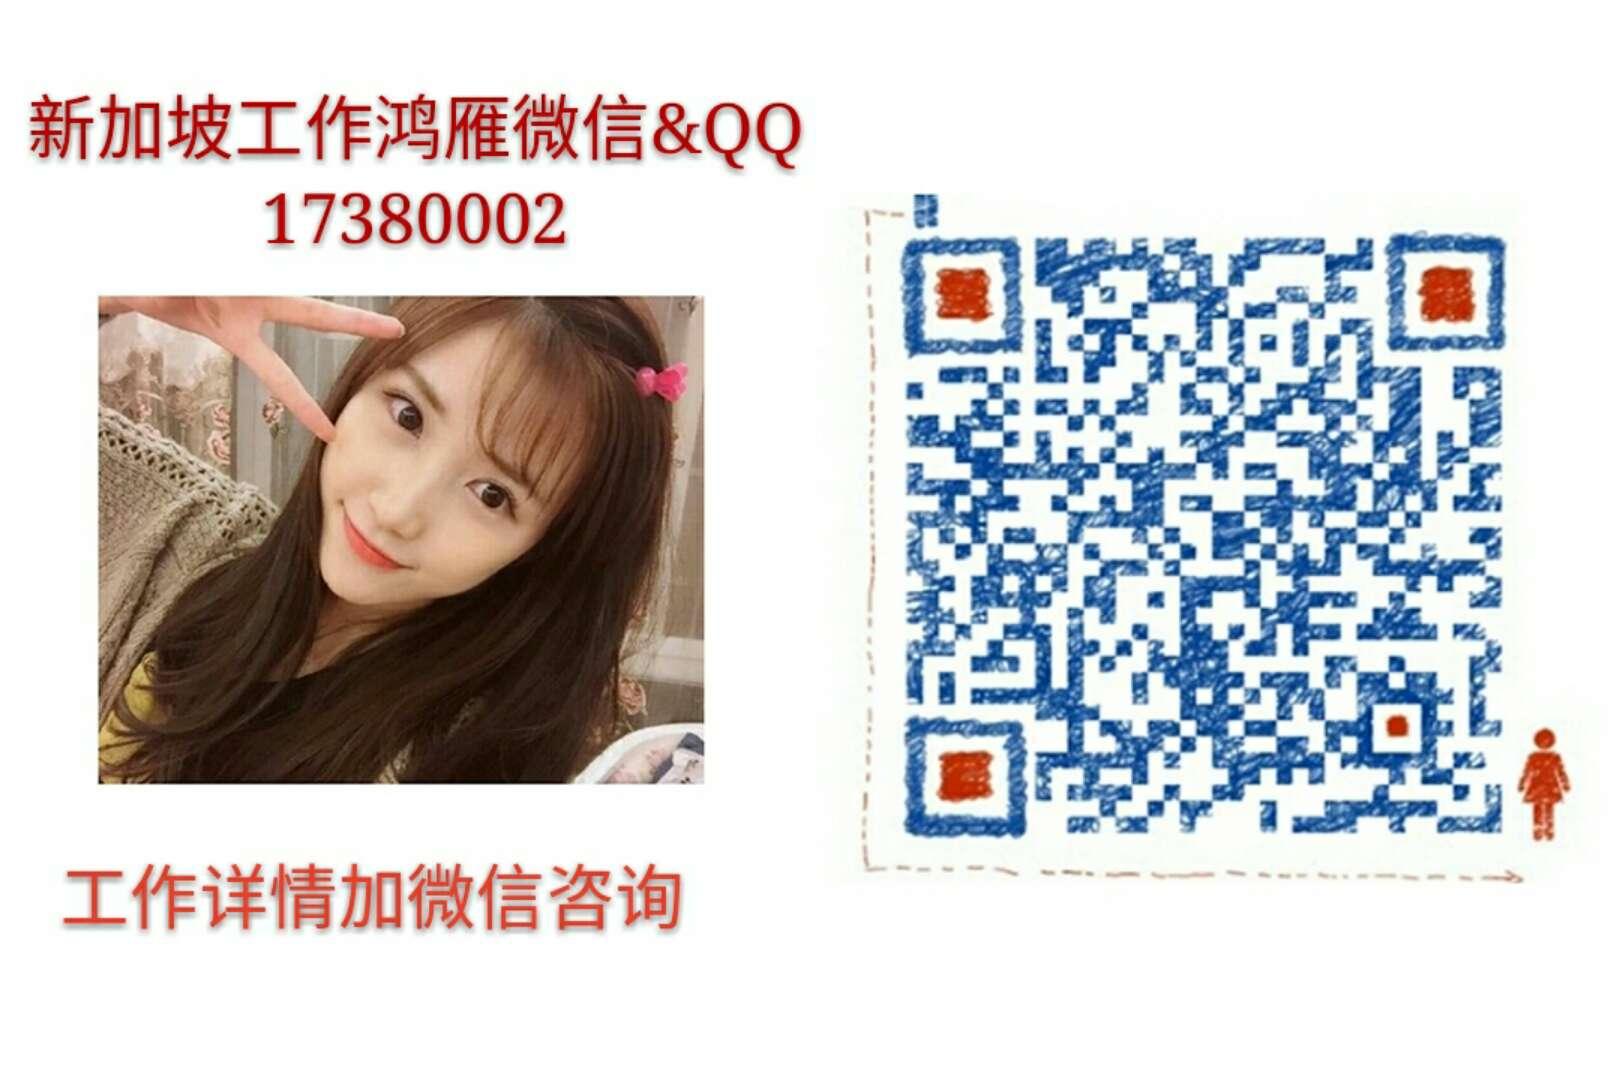 微信图片_20180201163852.jpg